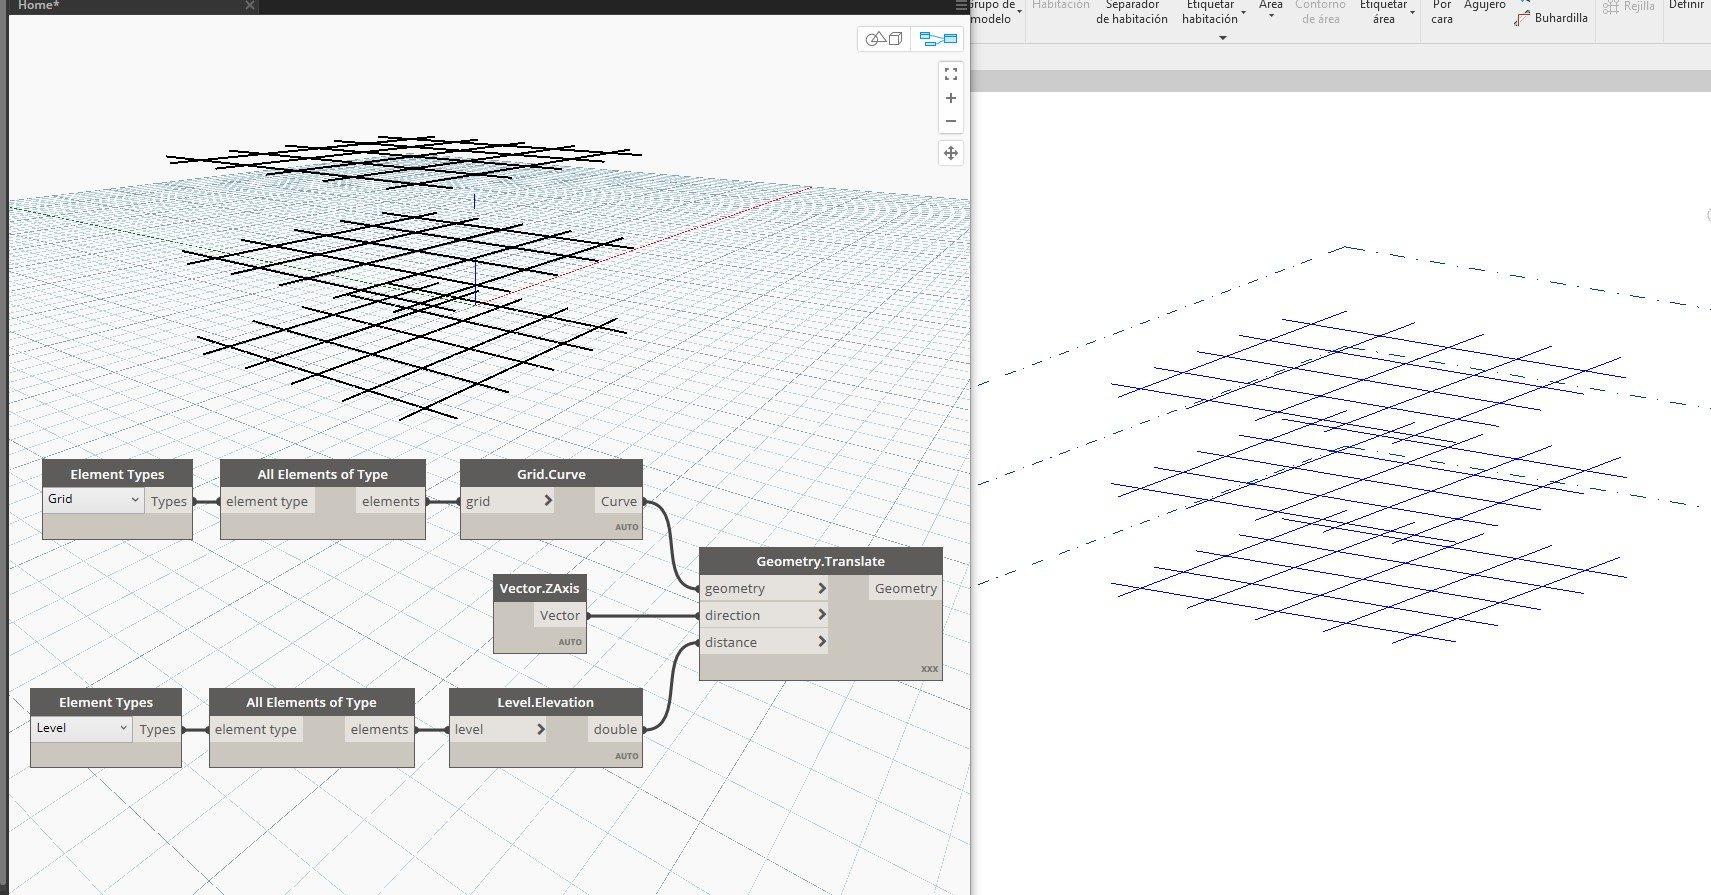 RE: ¿Visualización grilla en vistas 3D Revit con Dynamo?